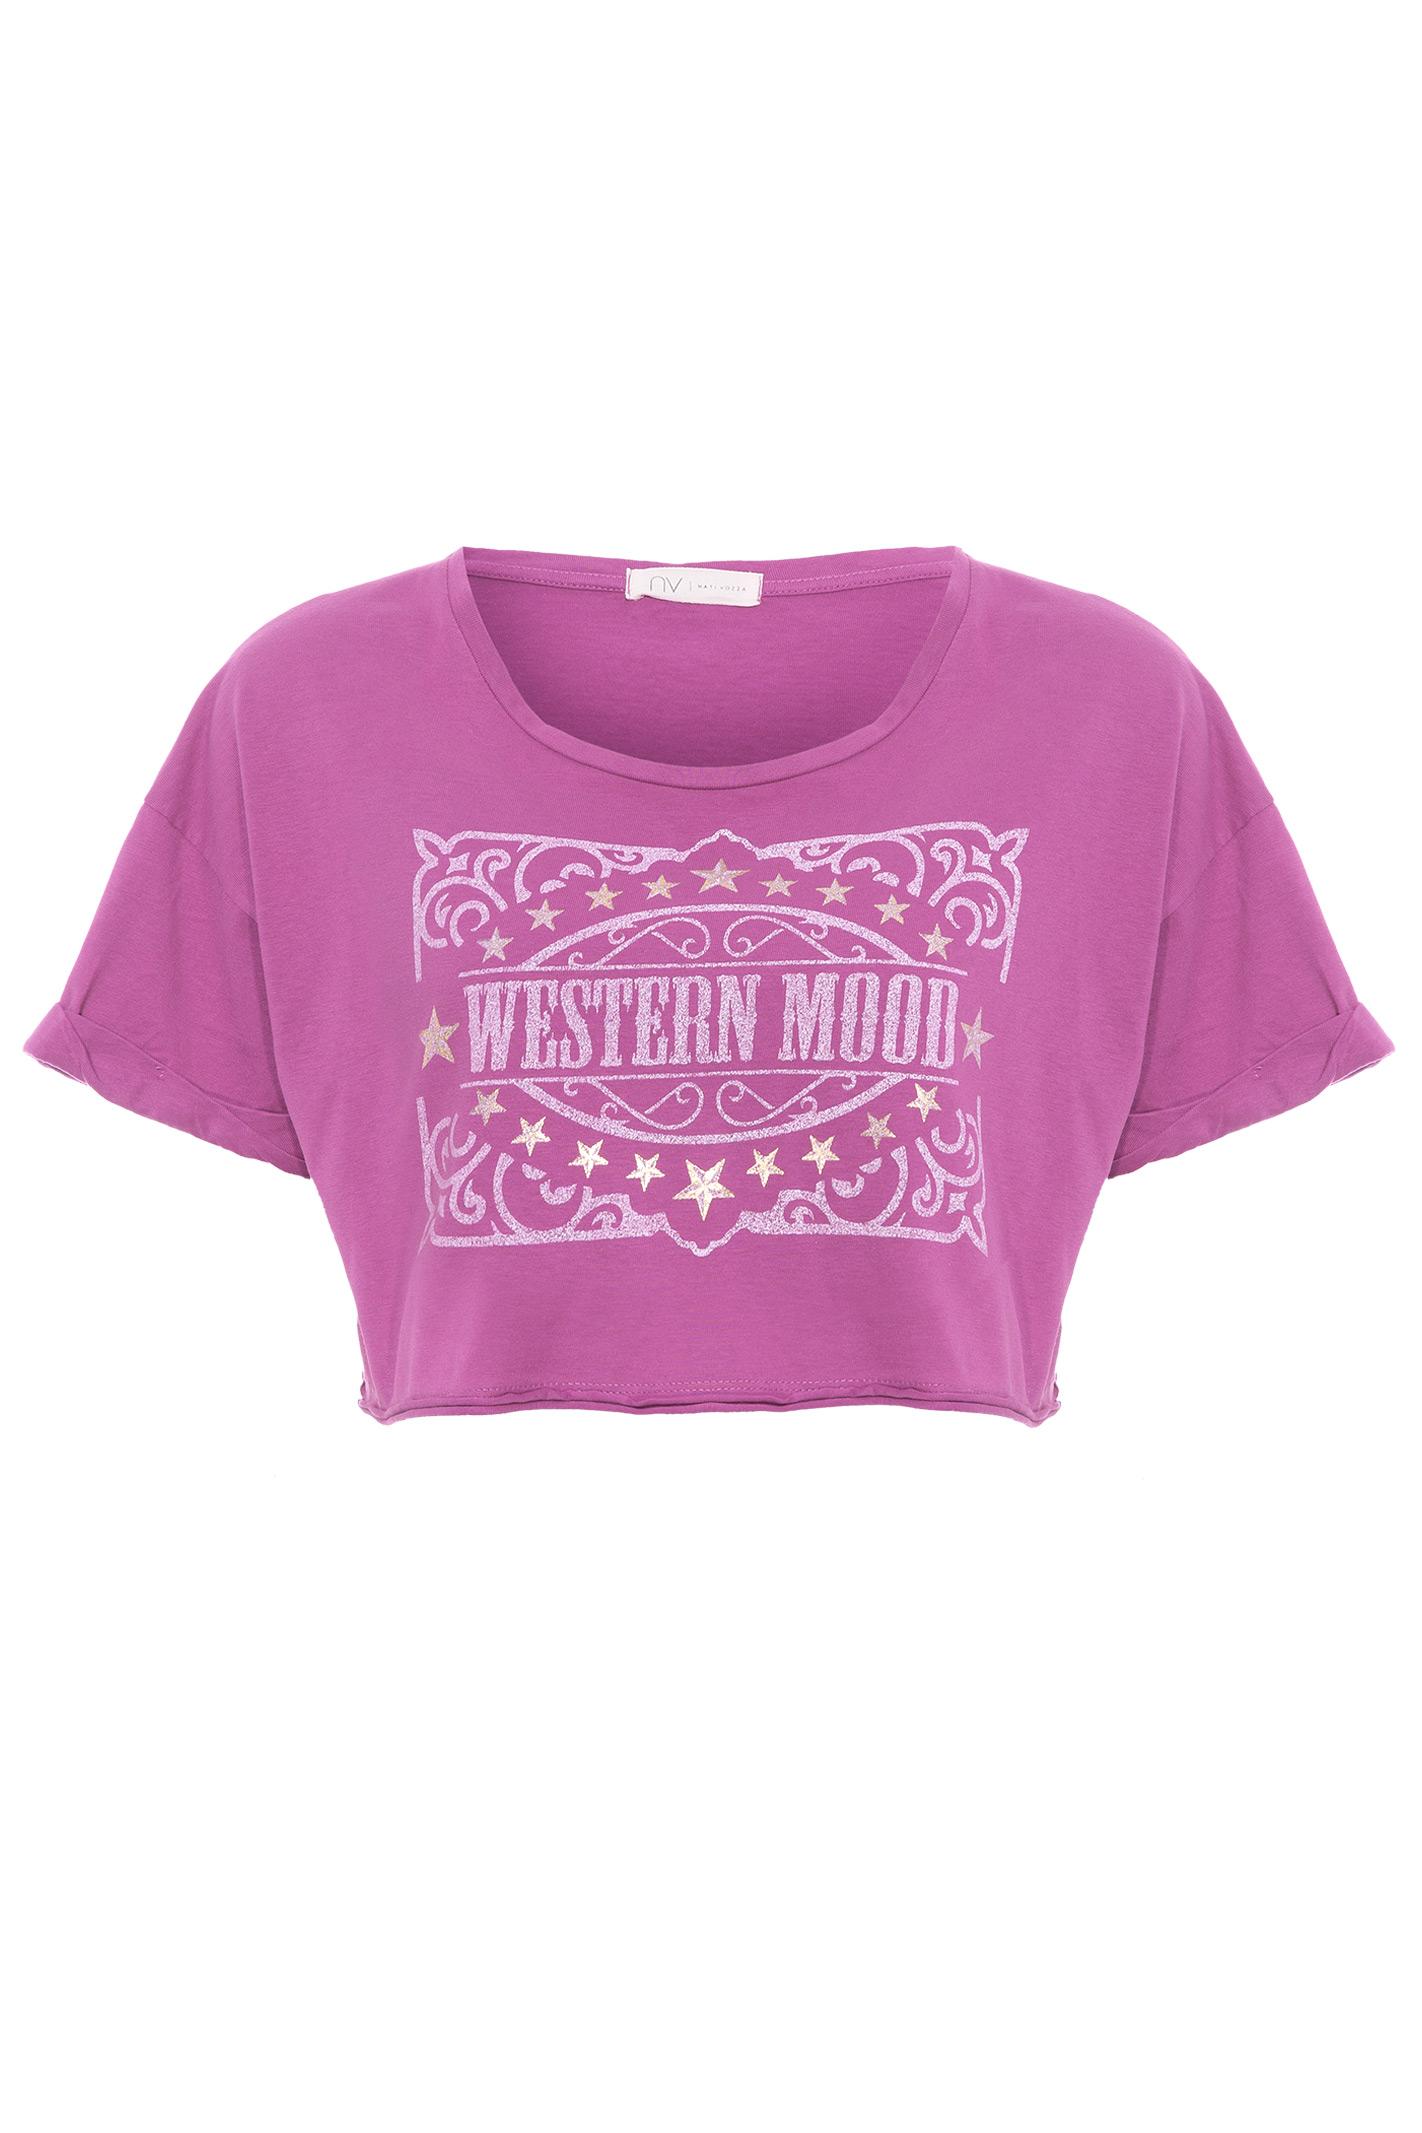 T- Shirt Mood